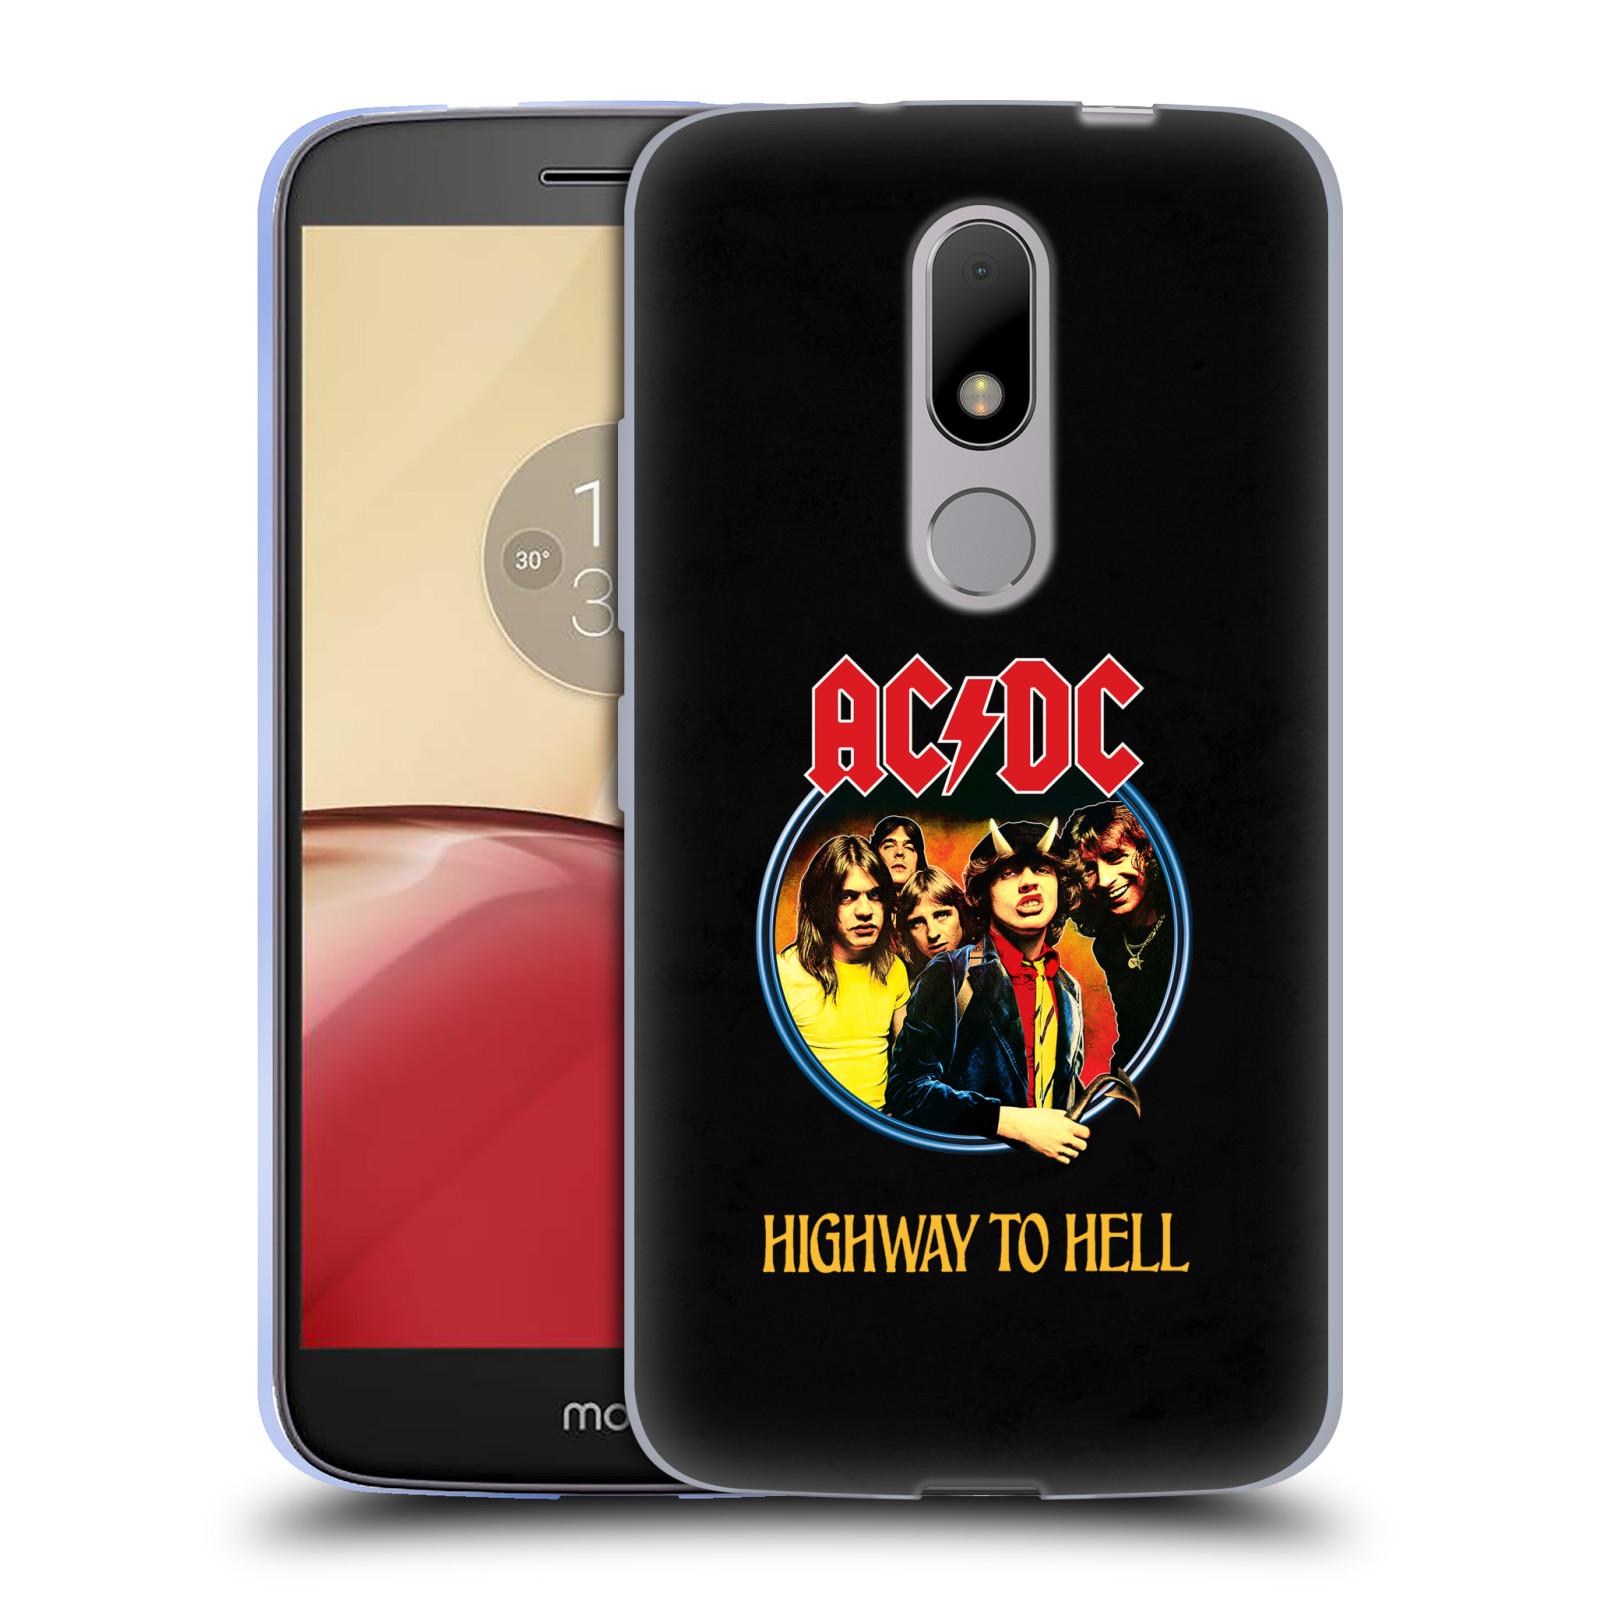 Silikonové pouzdro na mobil Lenovo Moto M - Head Case AC/DC Highway to Hell (Silikonový kryt či obal na mobilní telefon s oficiálním motivem australské skupiny AC/DC pro Lenovo Moto M (Dual Sim))